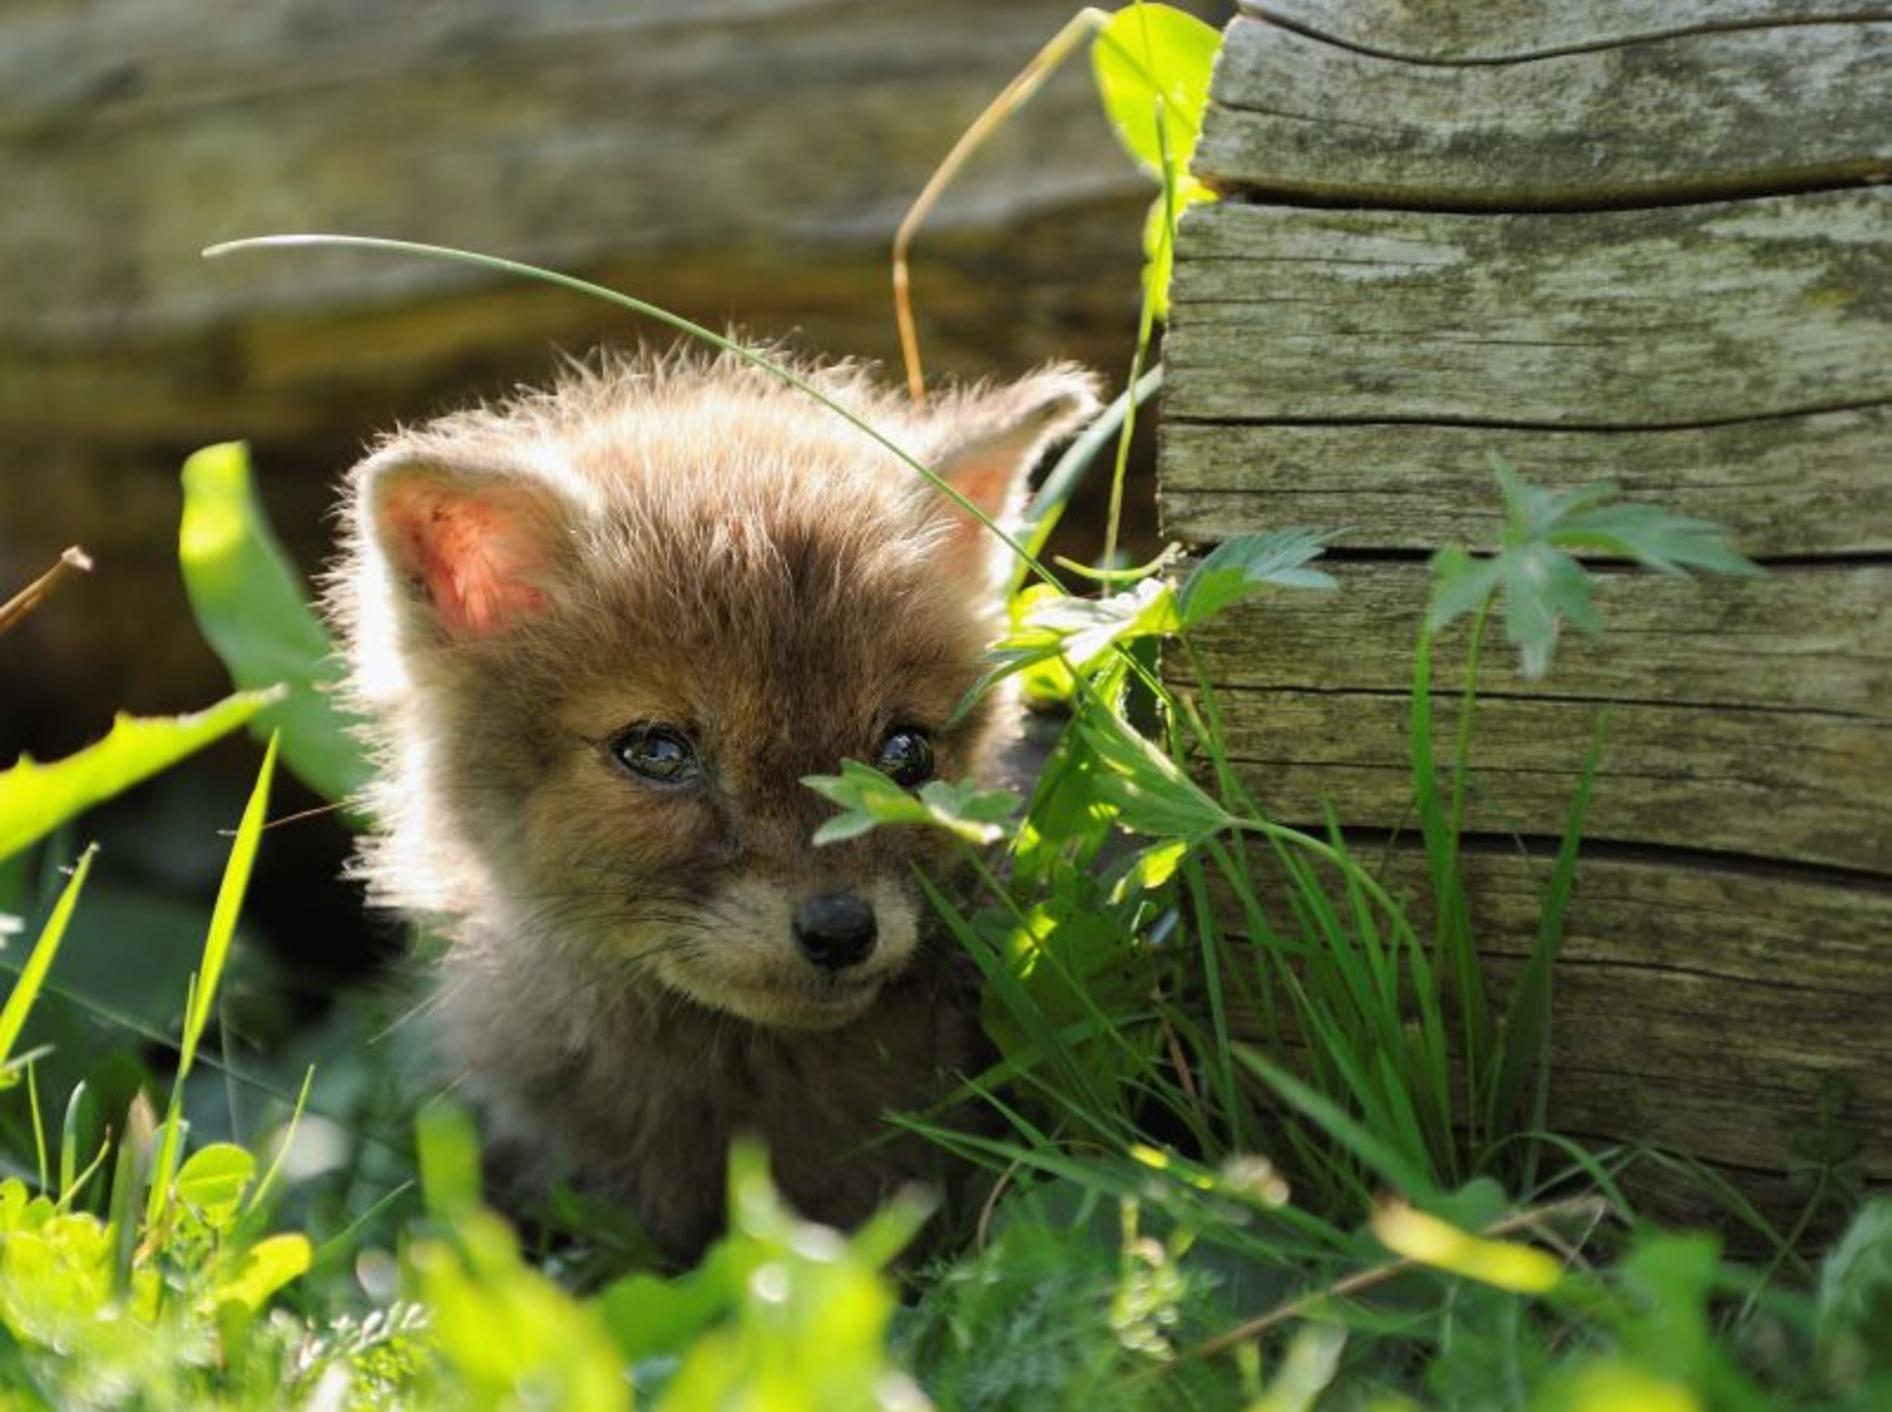 Ganz kleiner Rotfuchs bei einem seiner ersten Spaziergänge — Bild: Shutterstock / AnetaPics